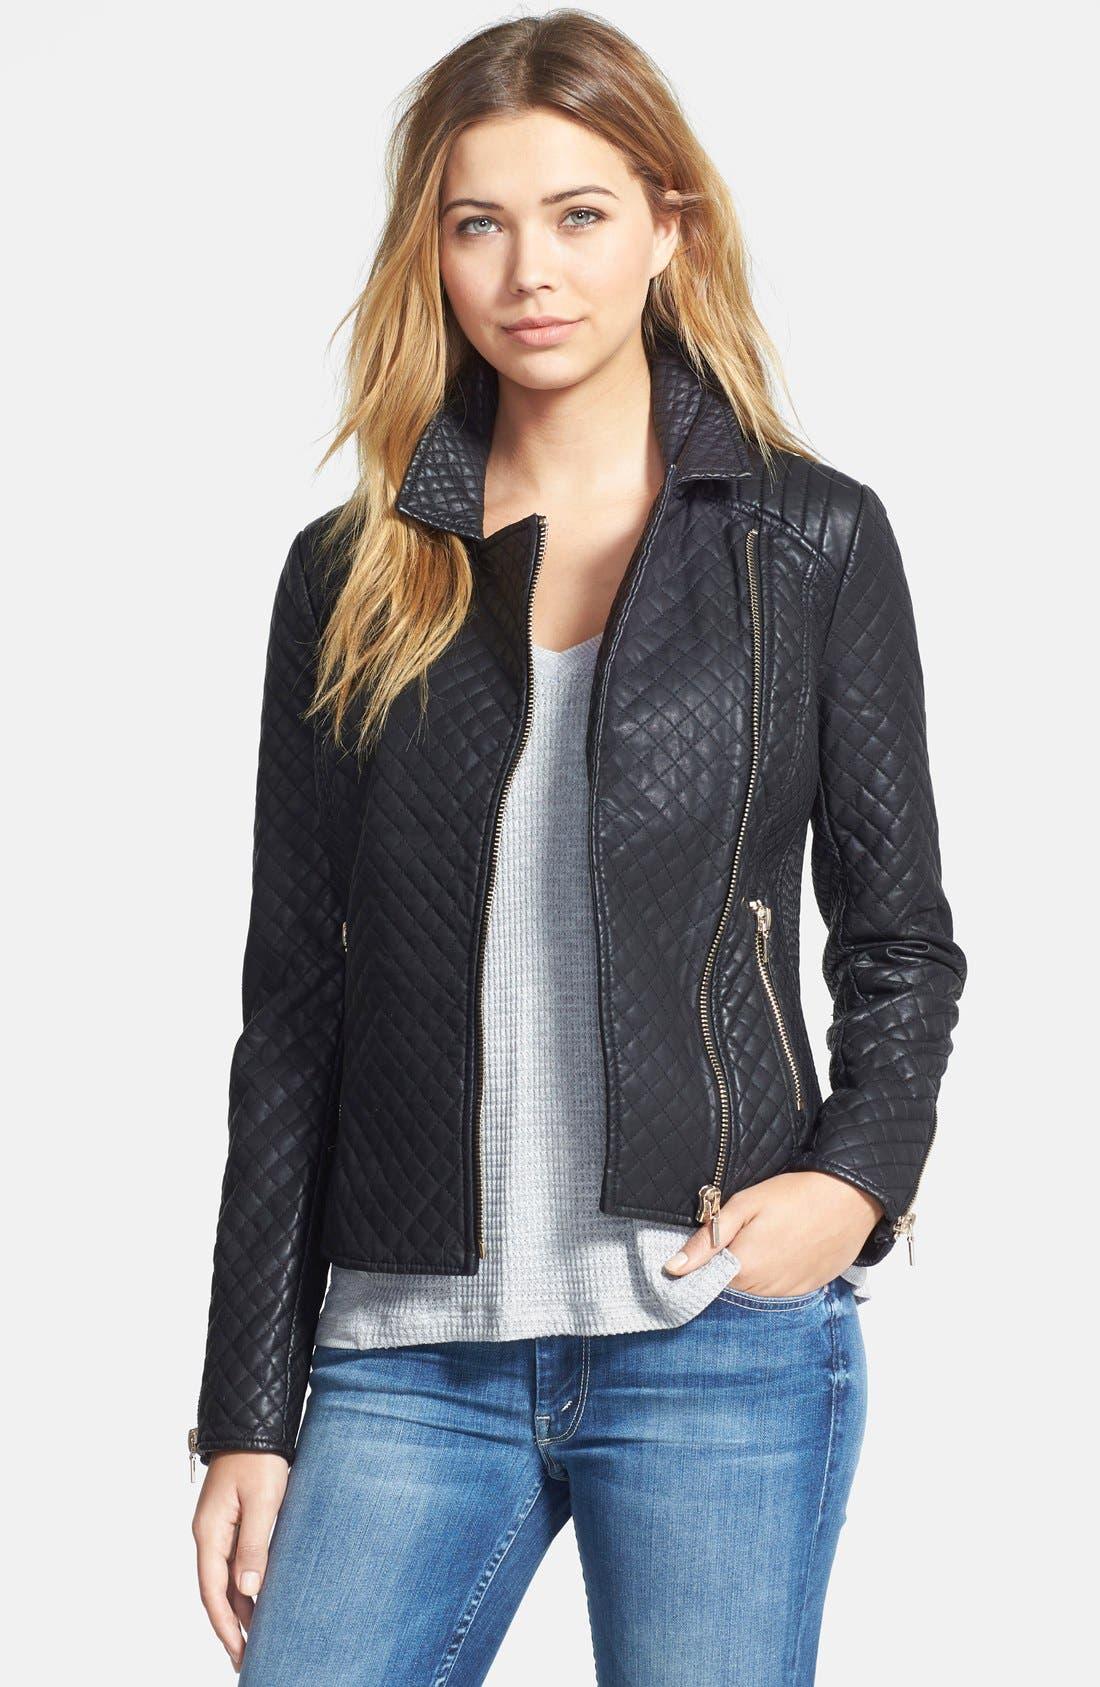 Alternate Image 1 Selected - STELLA + LORENZO Faux Leather Jacket